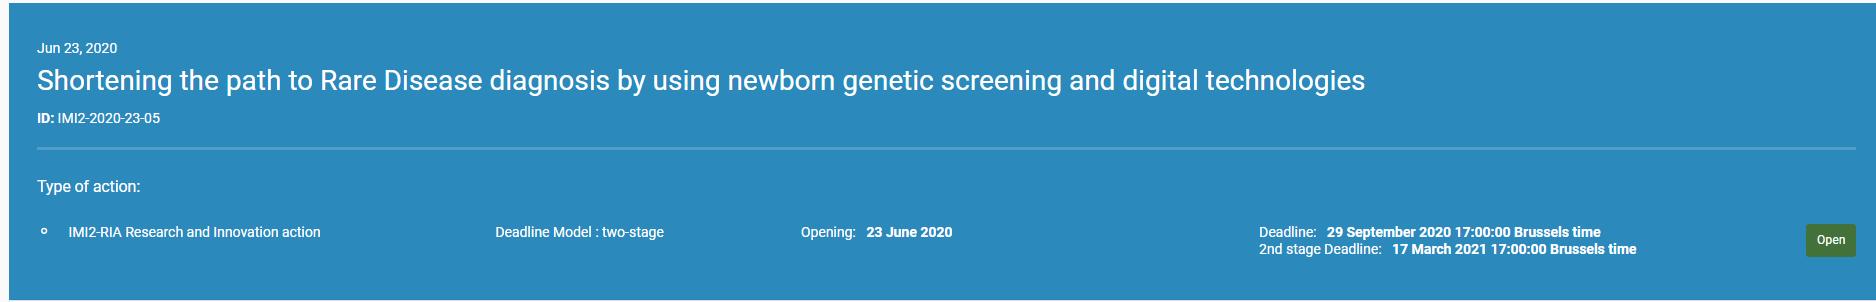 """Comisia Europeana a lansat prin intermediul website-ului Funding & Tenders apelul """"Facilitarea diagnosticul bolii rare prin utilizarea screeningului genetic al nou-născutului și a tehnologiilor digitale"""""""